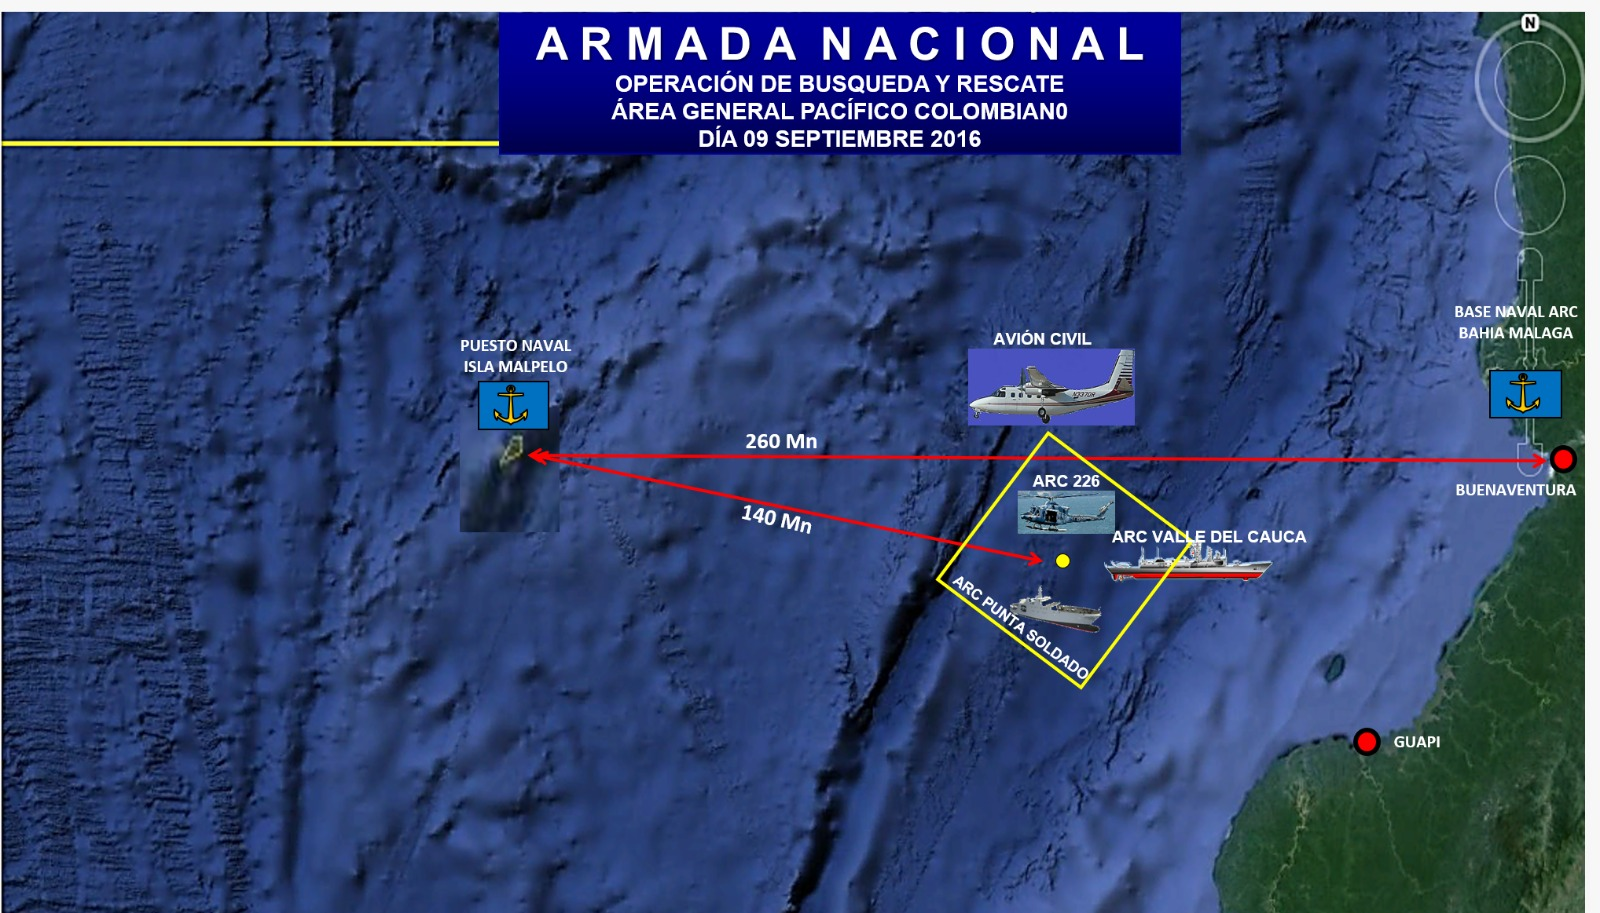 Armada Nacional halla cadaver en zona donde buscan buzos desaparecidos